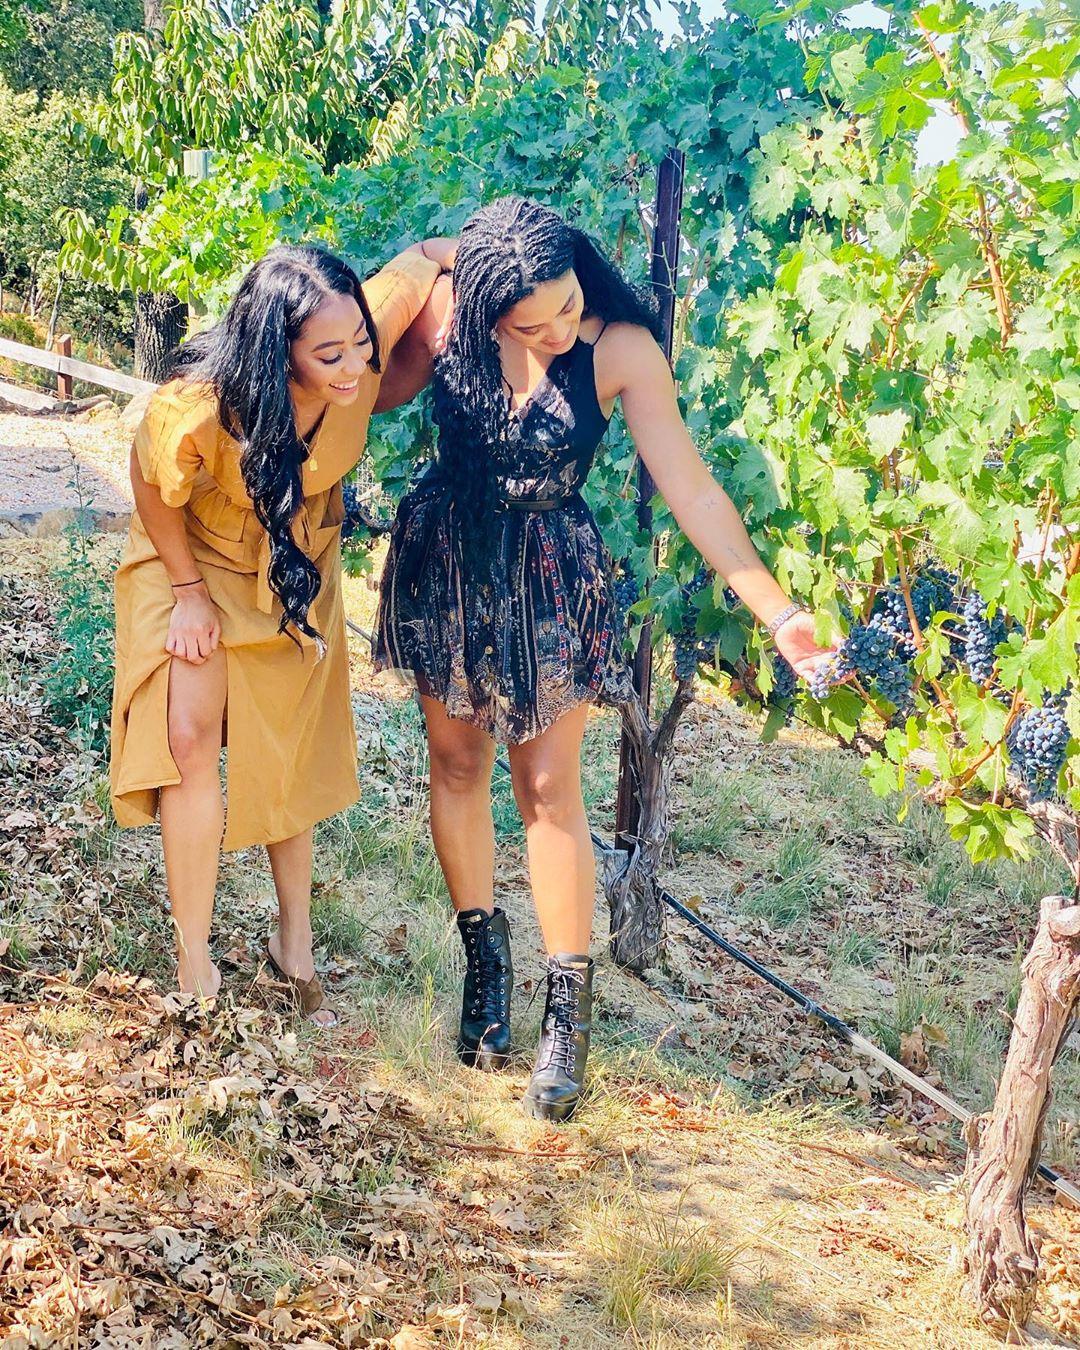 库里妹妹晒与阿耶莎合照宣传家族葡萄酒品牌